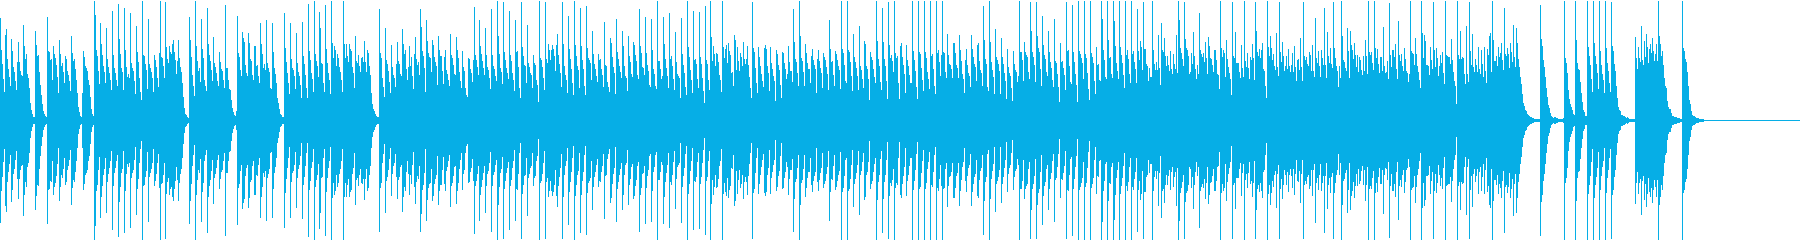 かわいく軽快リズミカルなピアノソロの再生済みの波形